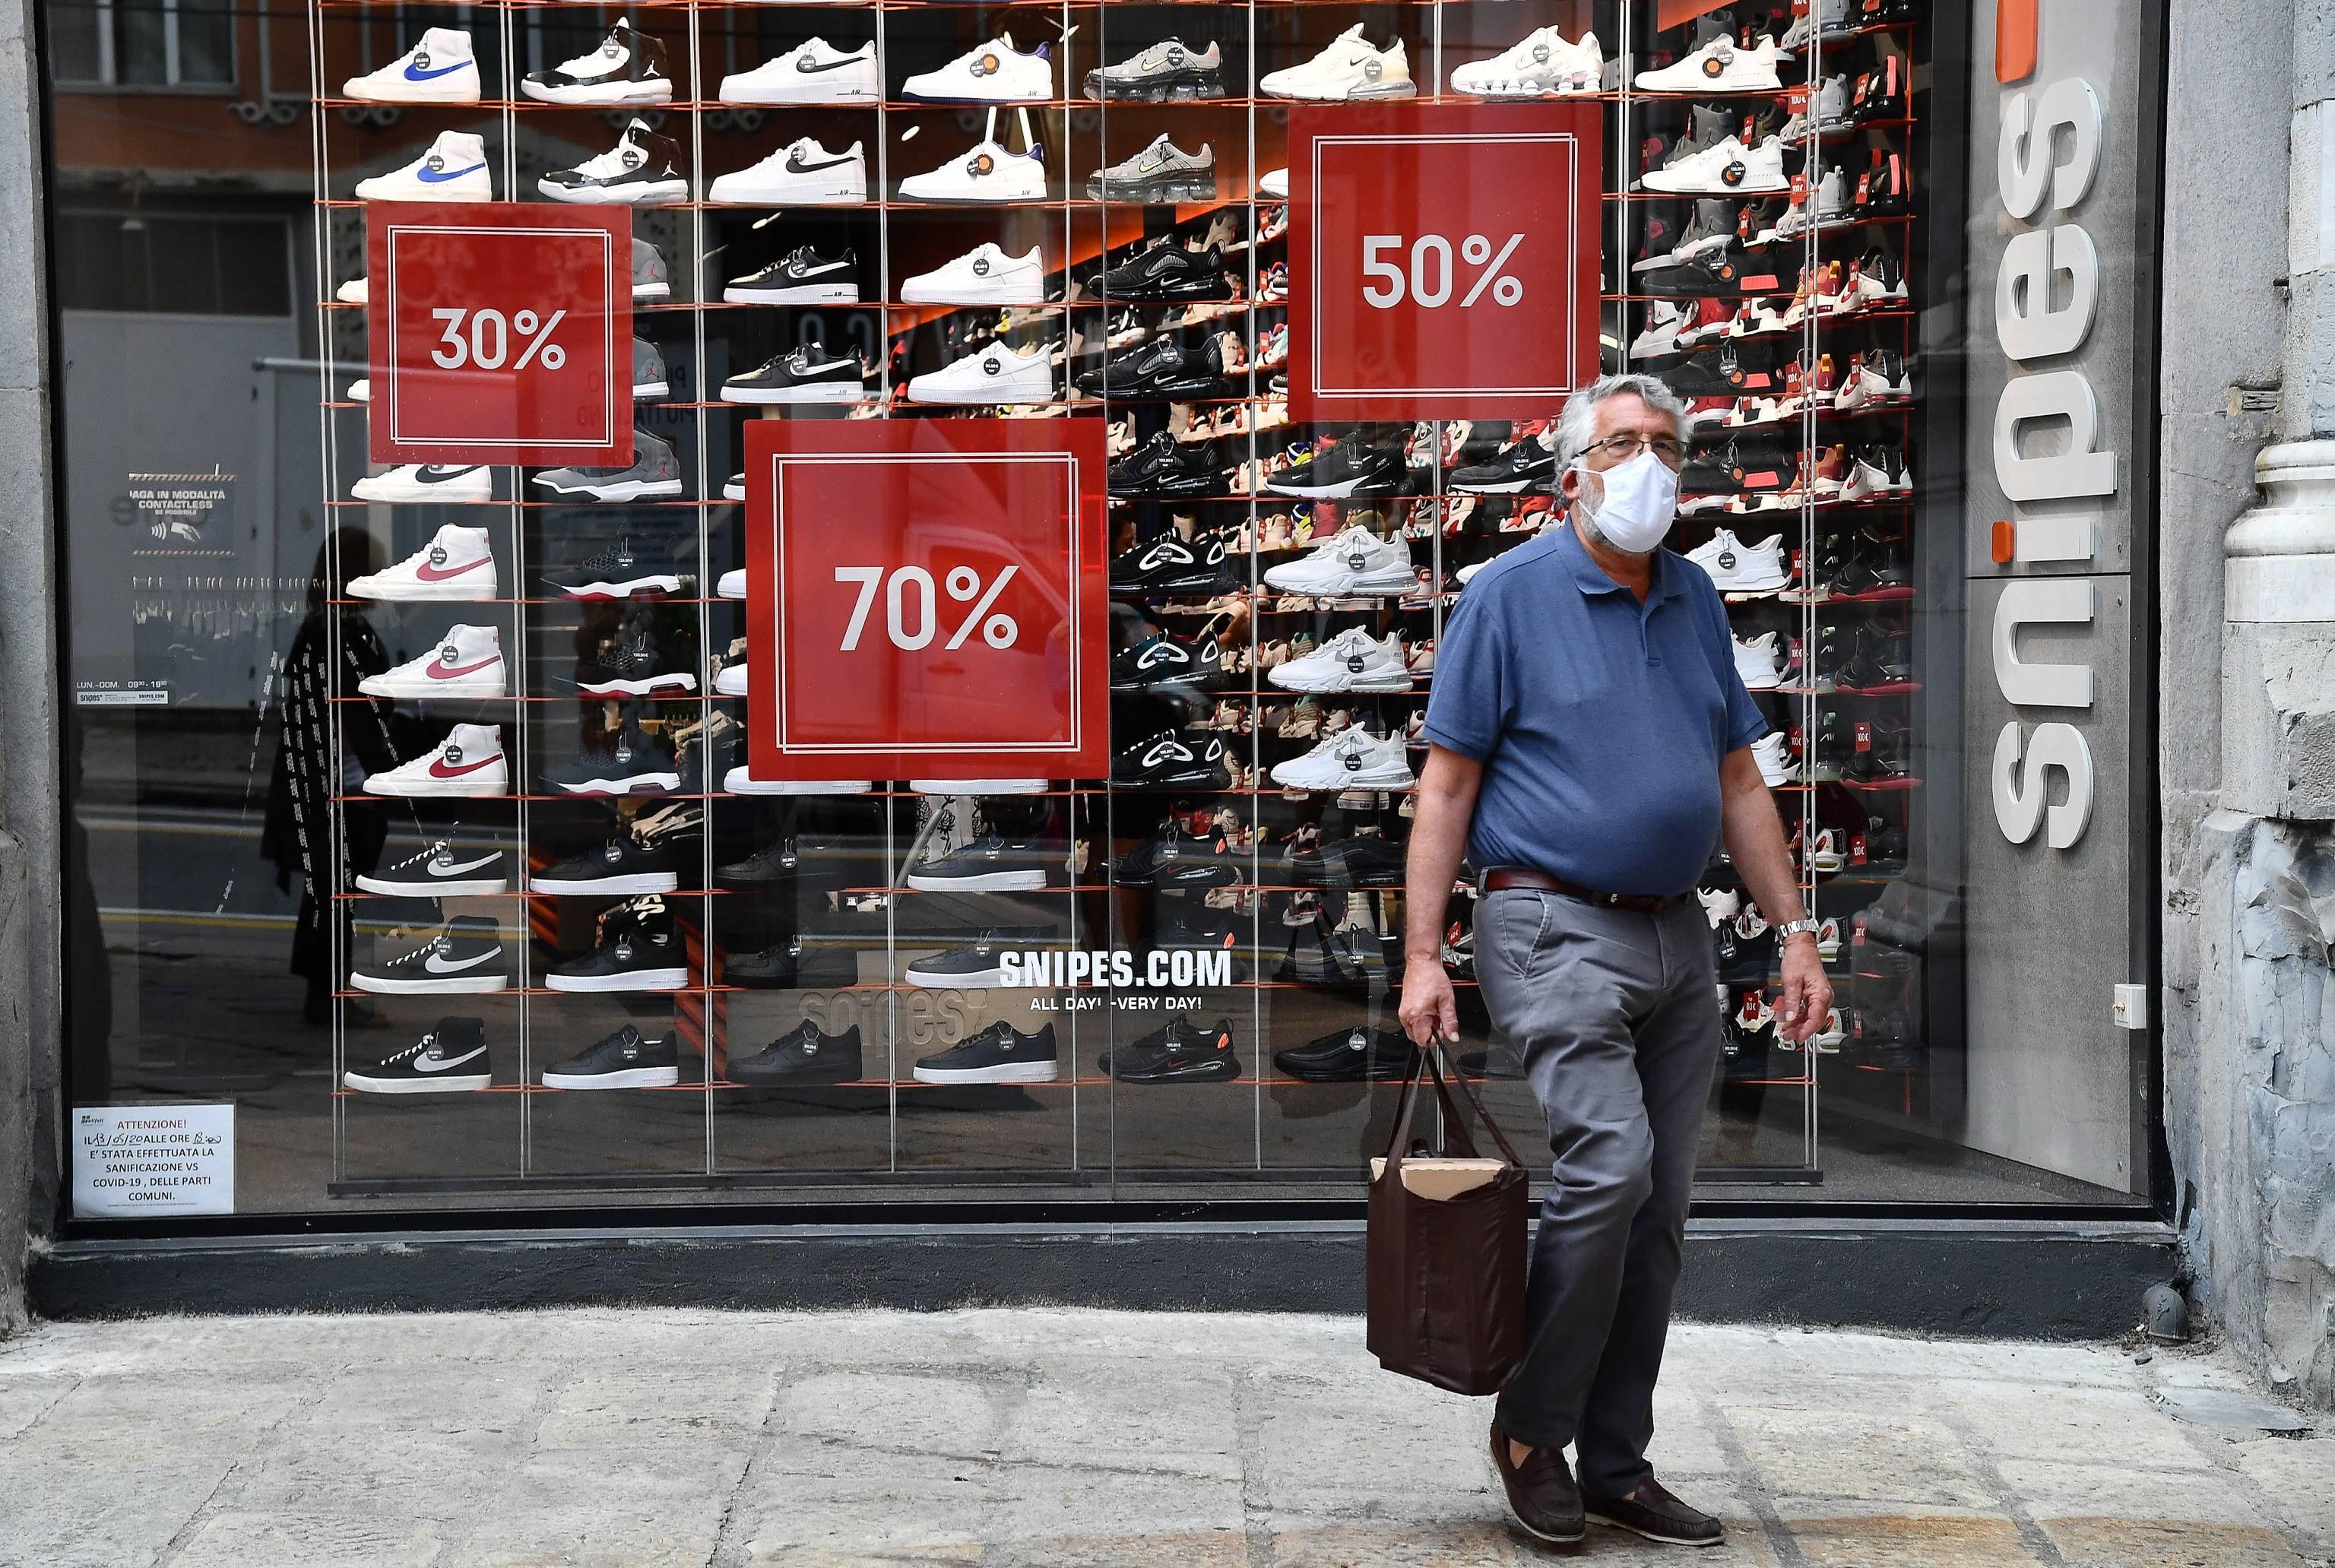 意大利:各类企业恢复营业_中欧新闻_欧洲中文网